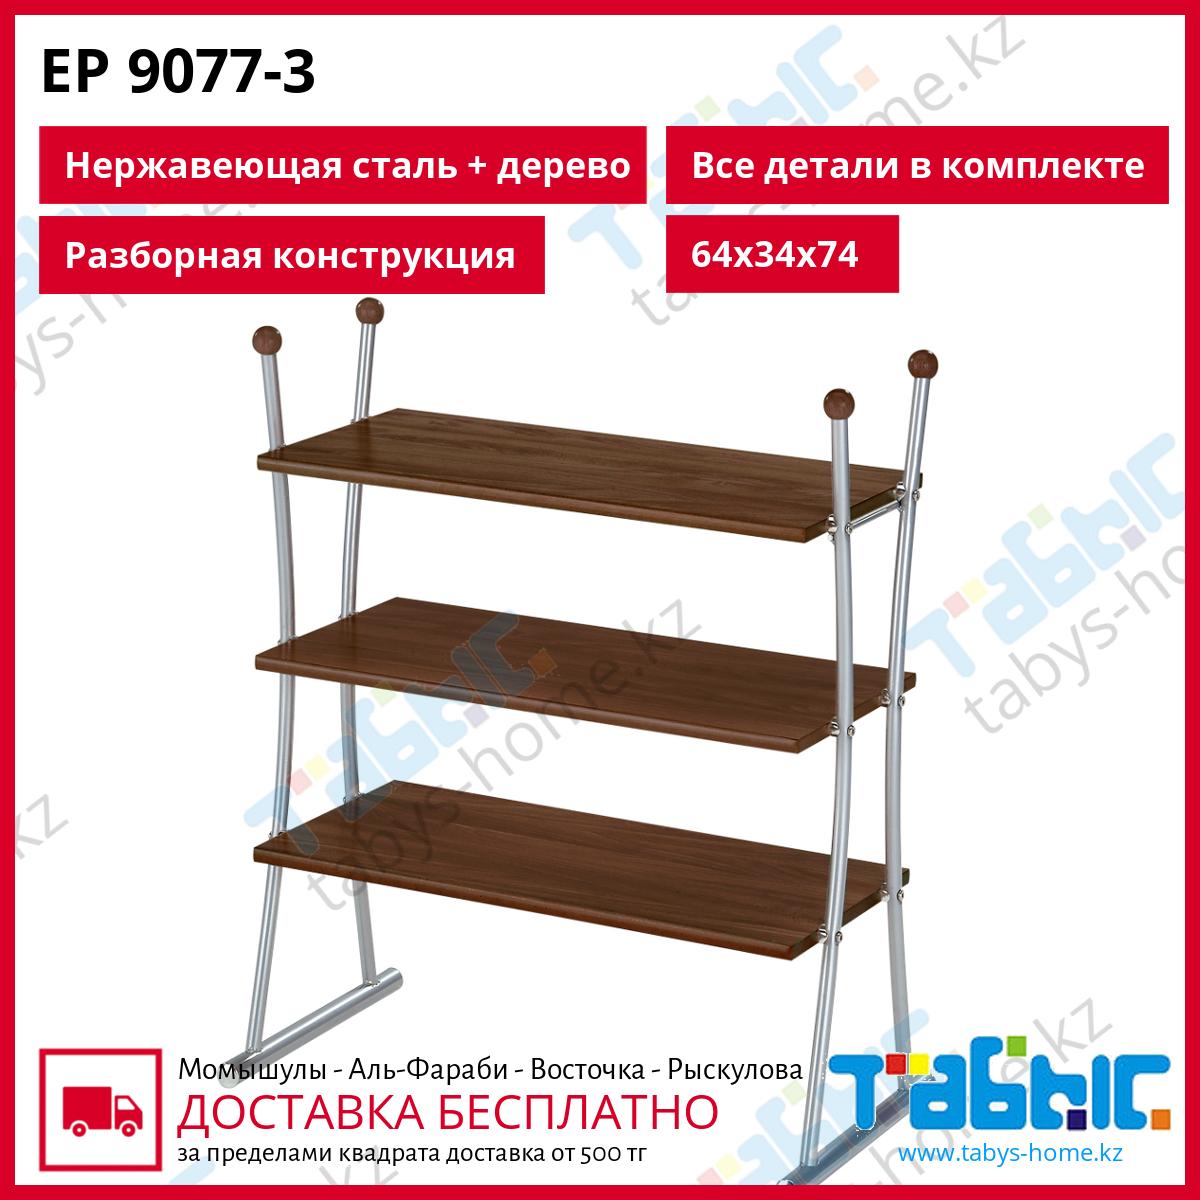 Полки для обуви из 3-х полок Табыс EP 9077-3 (светлый оттенок коричневого)